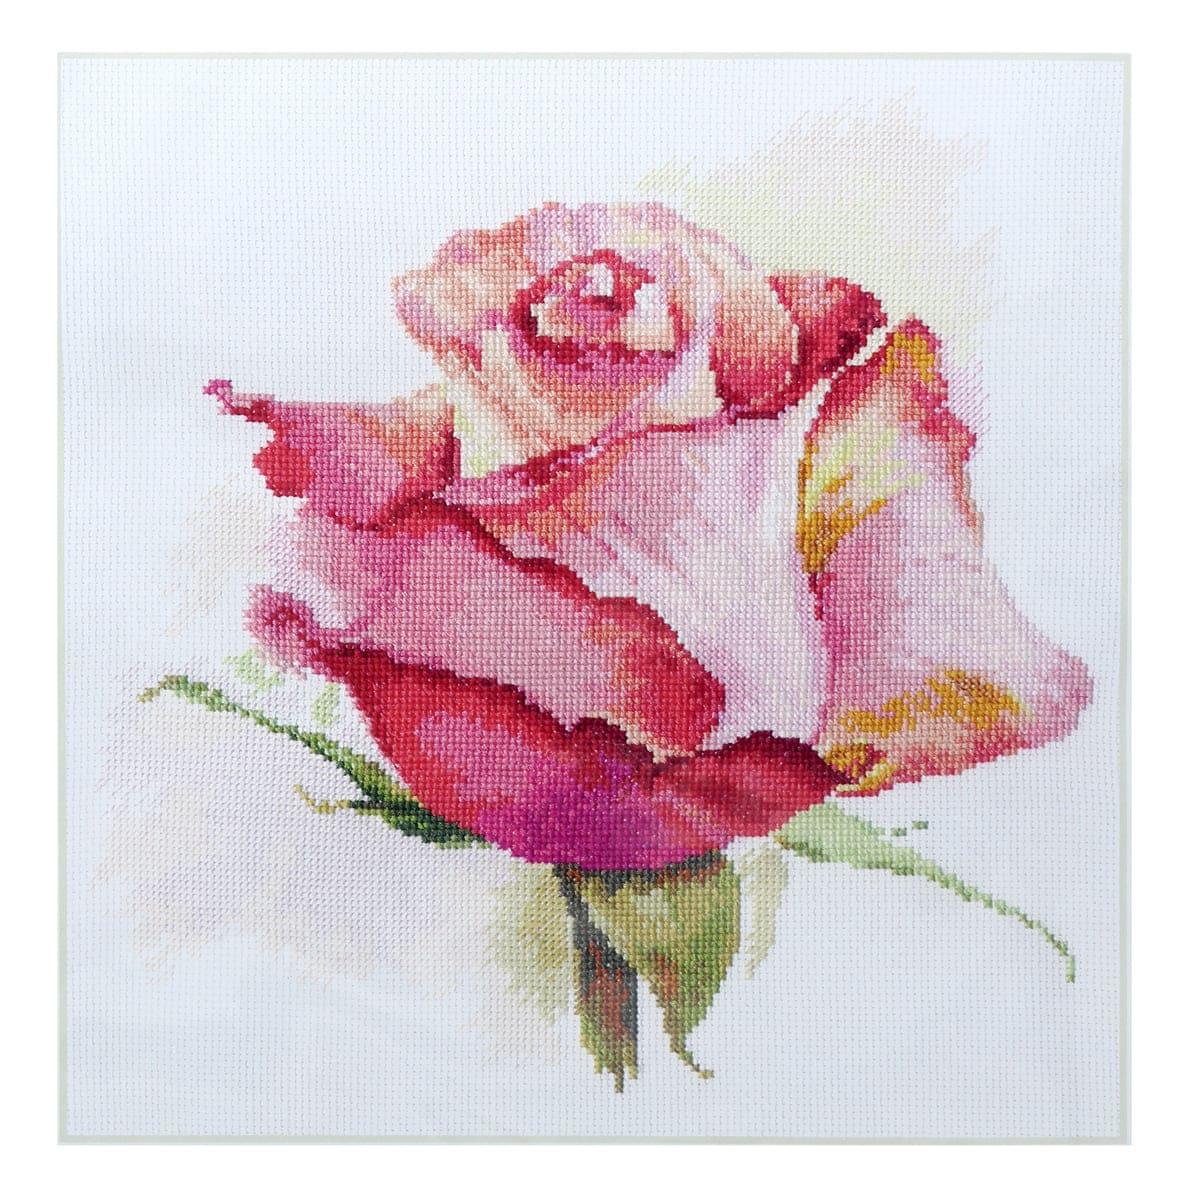 2-39 Набор для вышивания АЛИСА 'Дыхание розы. Очарование' 24*24см